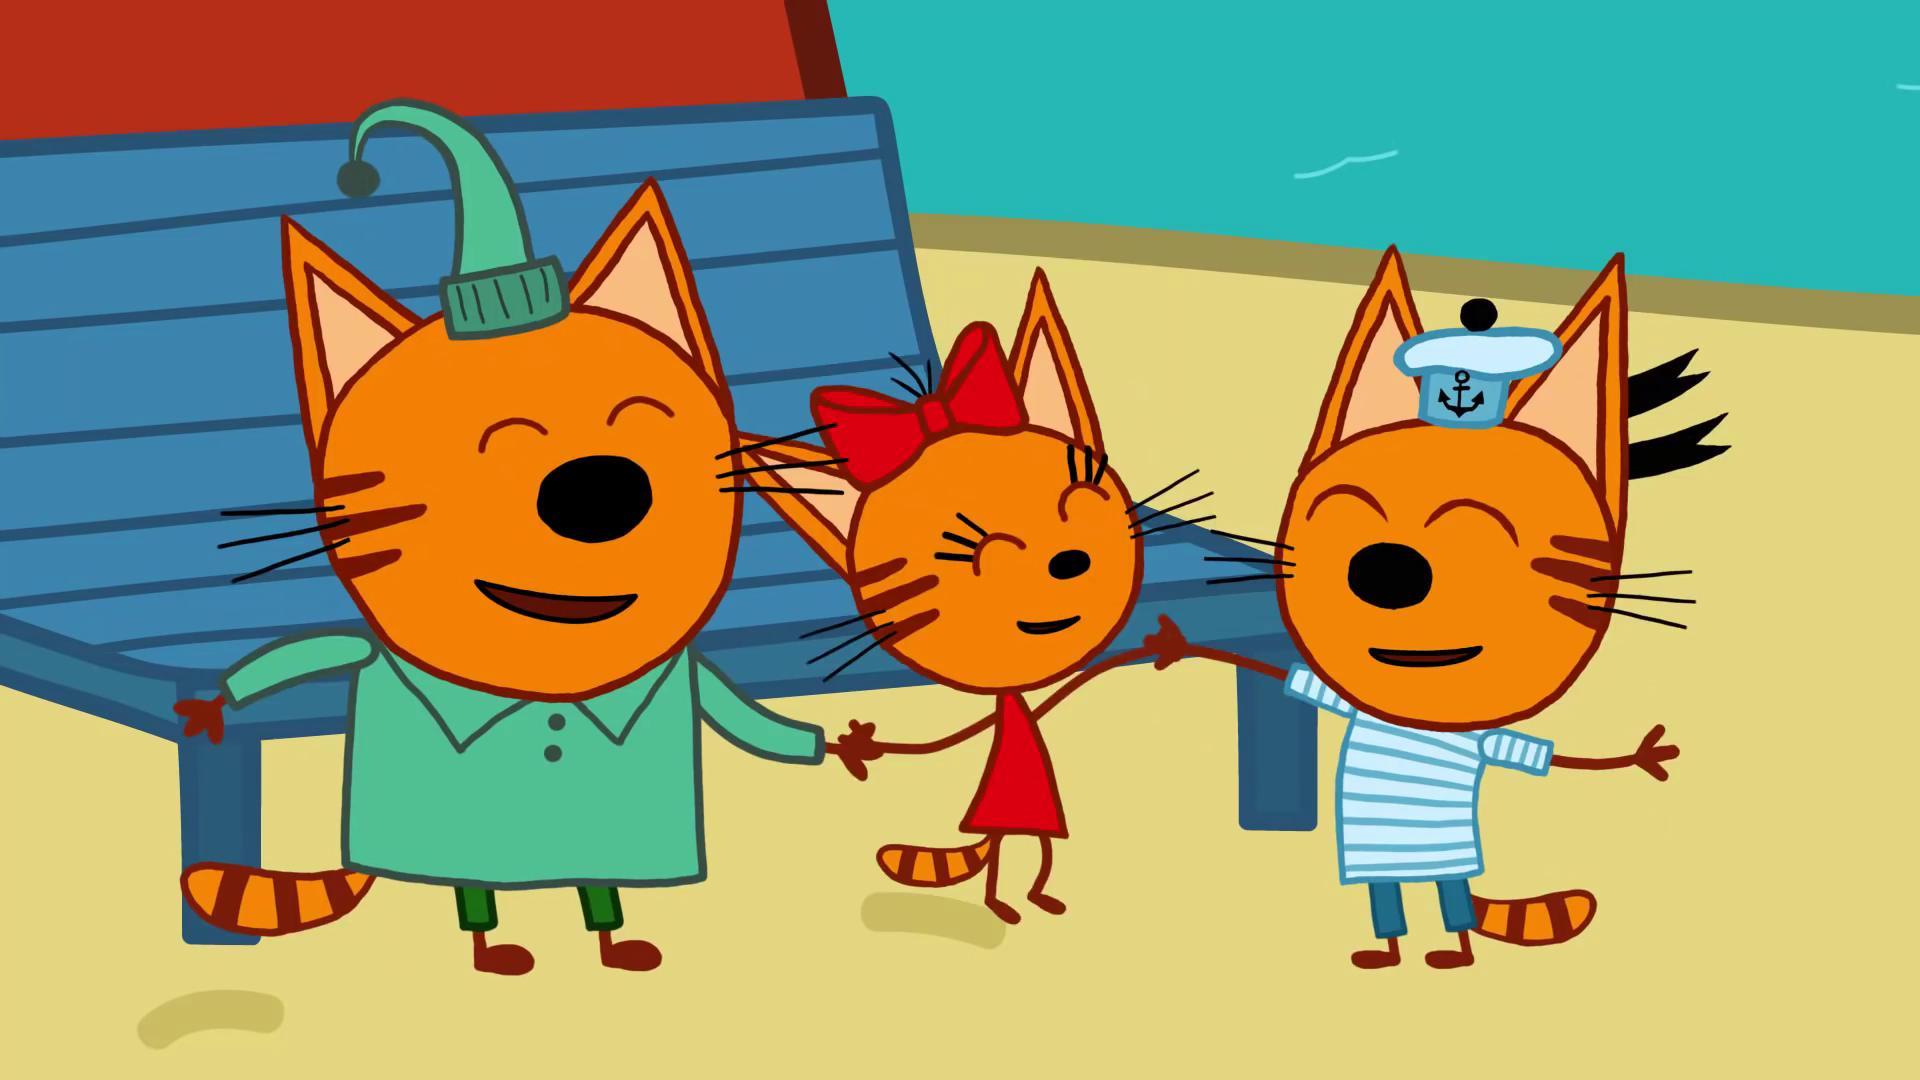 3 кота музыкальная открытка 1 серия, надписями патрик